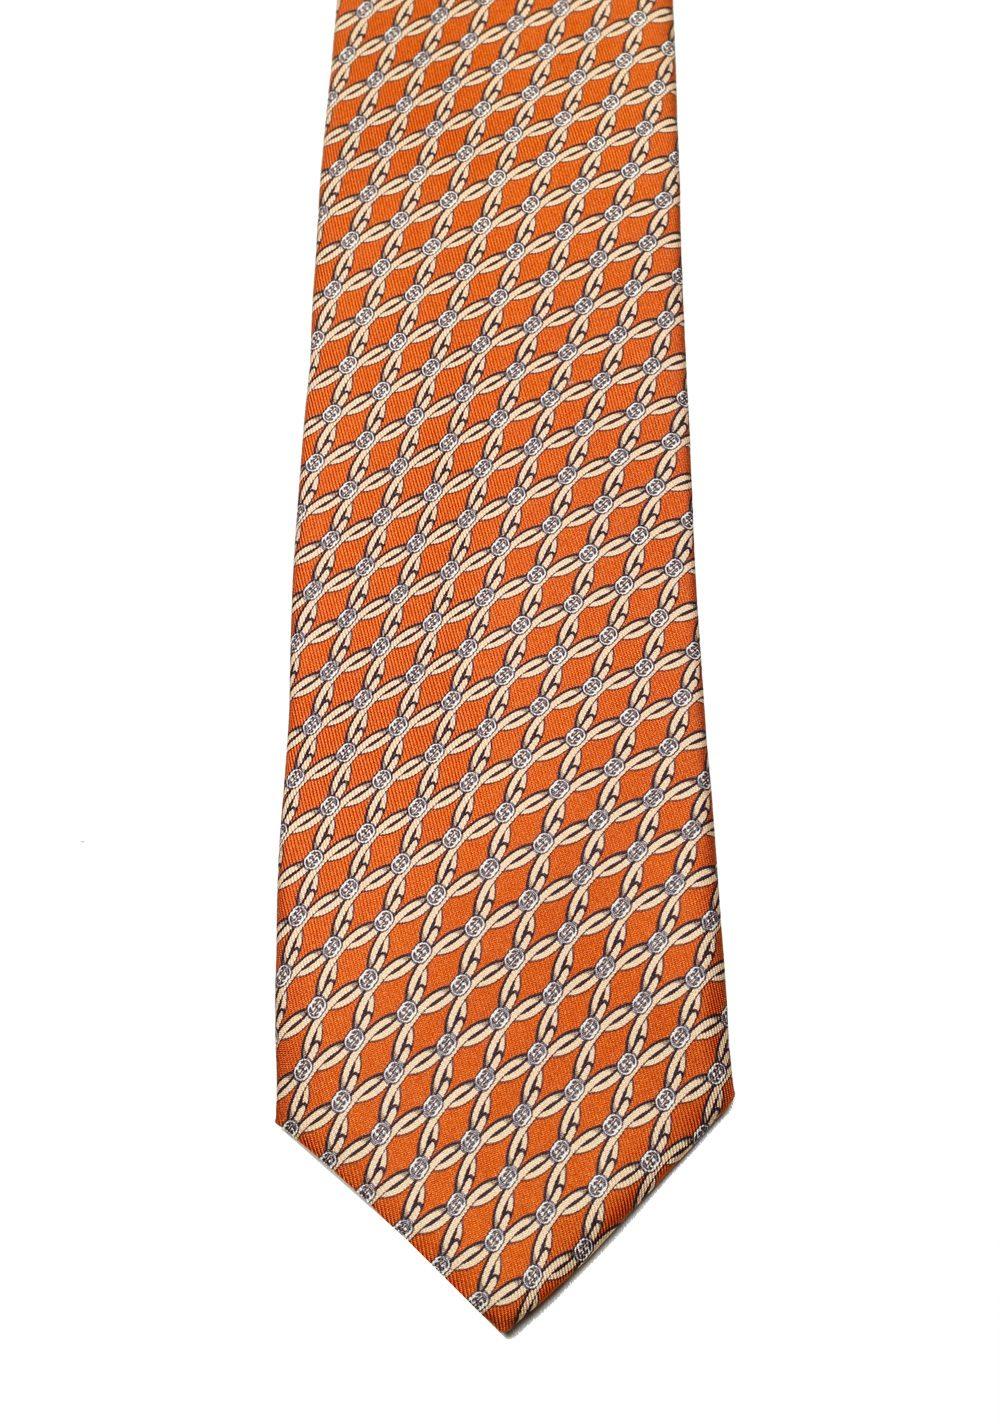 Gucci Orange Patterned Tie | Costume Limité